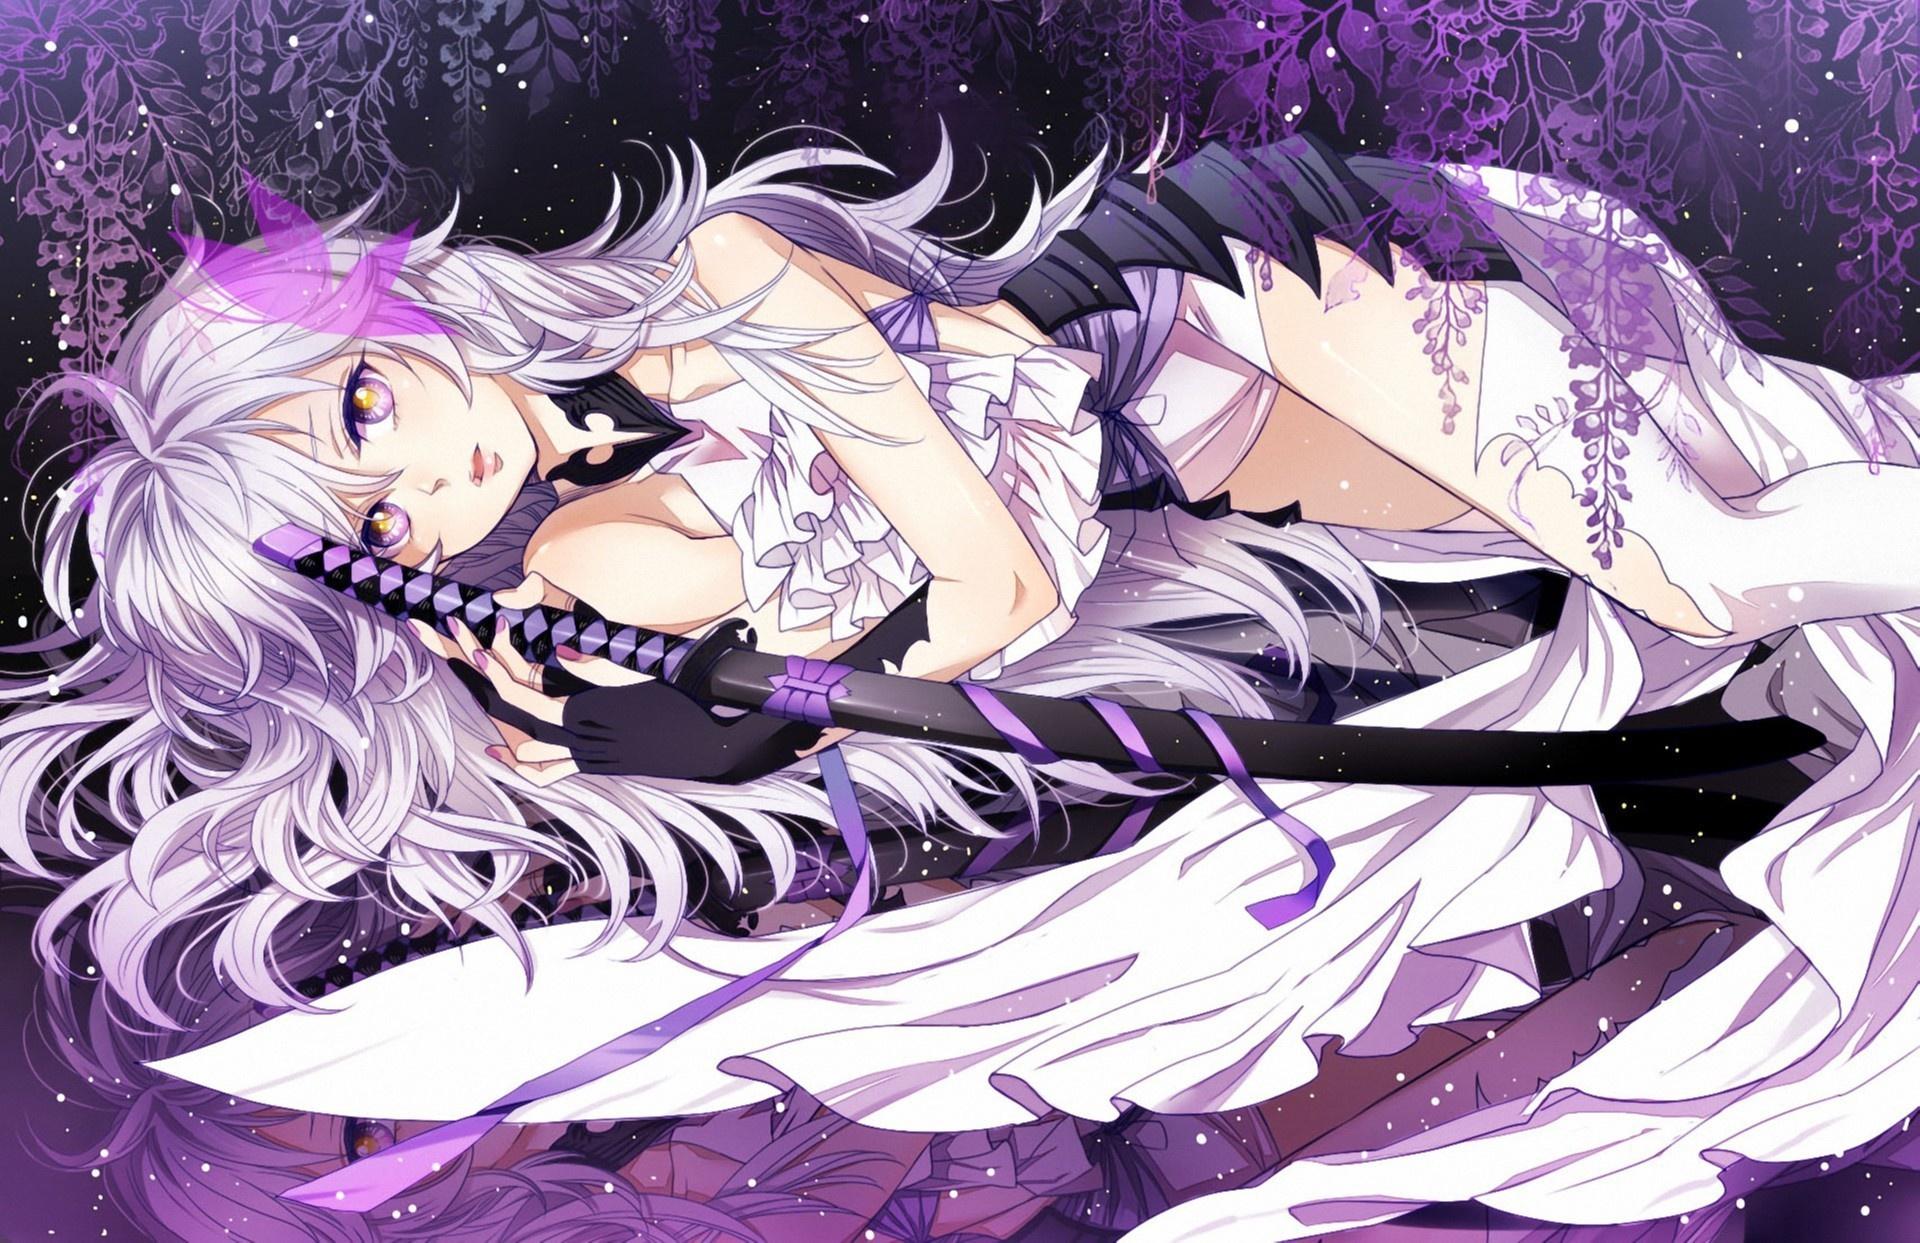 Аниме девушки с белыми волосами и фиолетовыми глазами